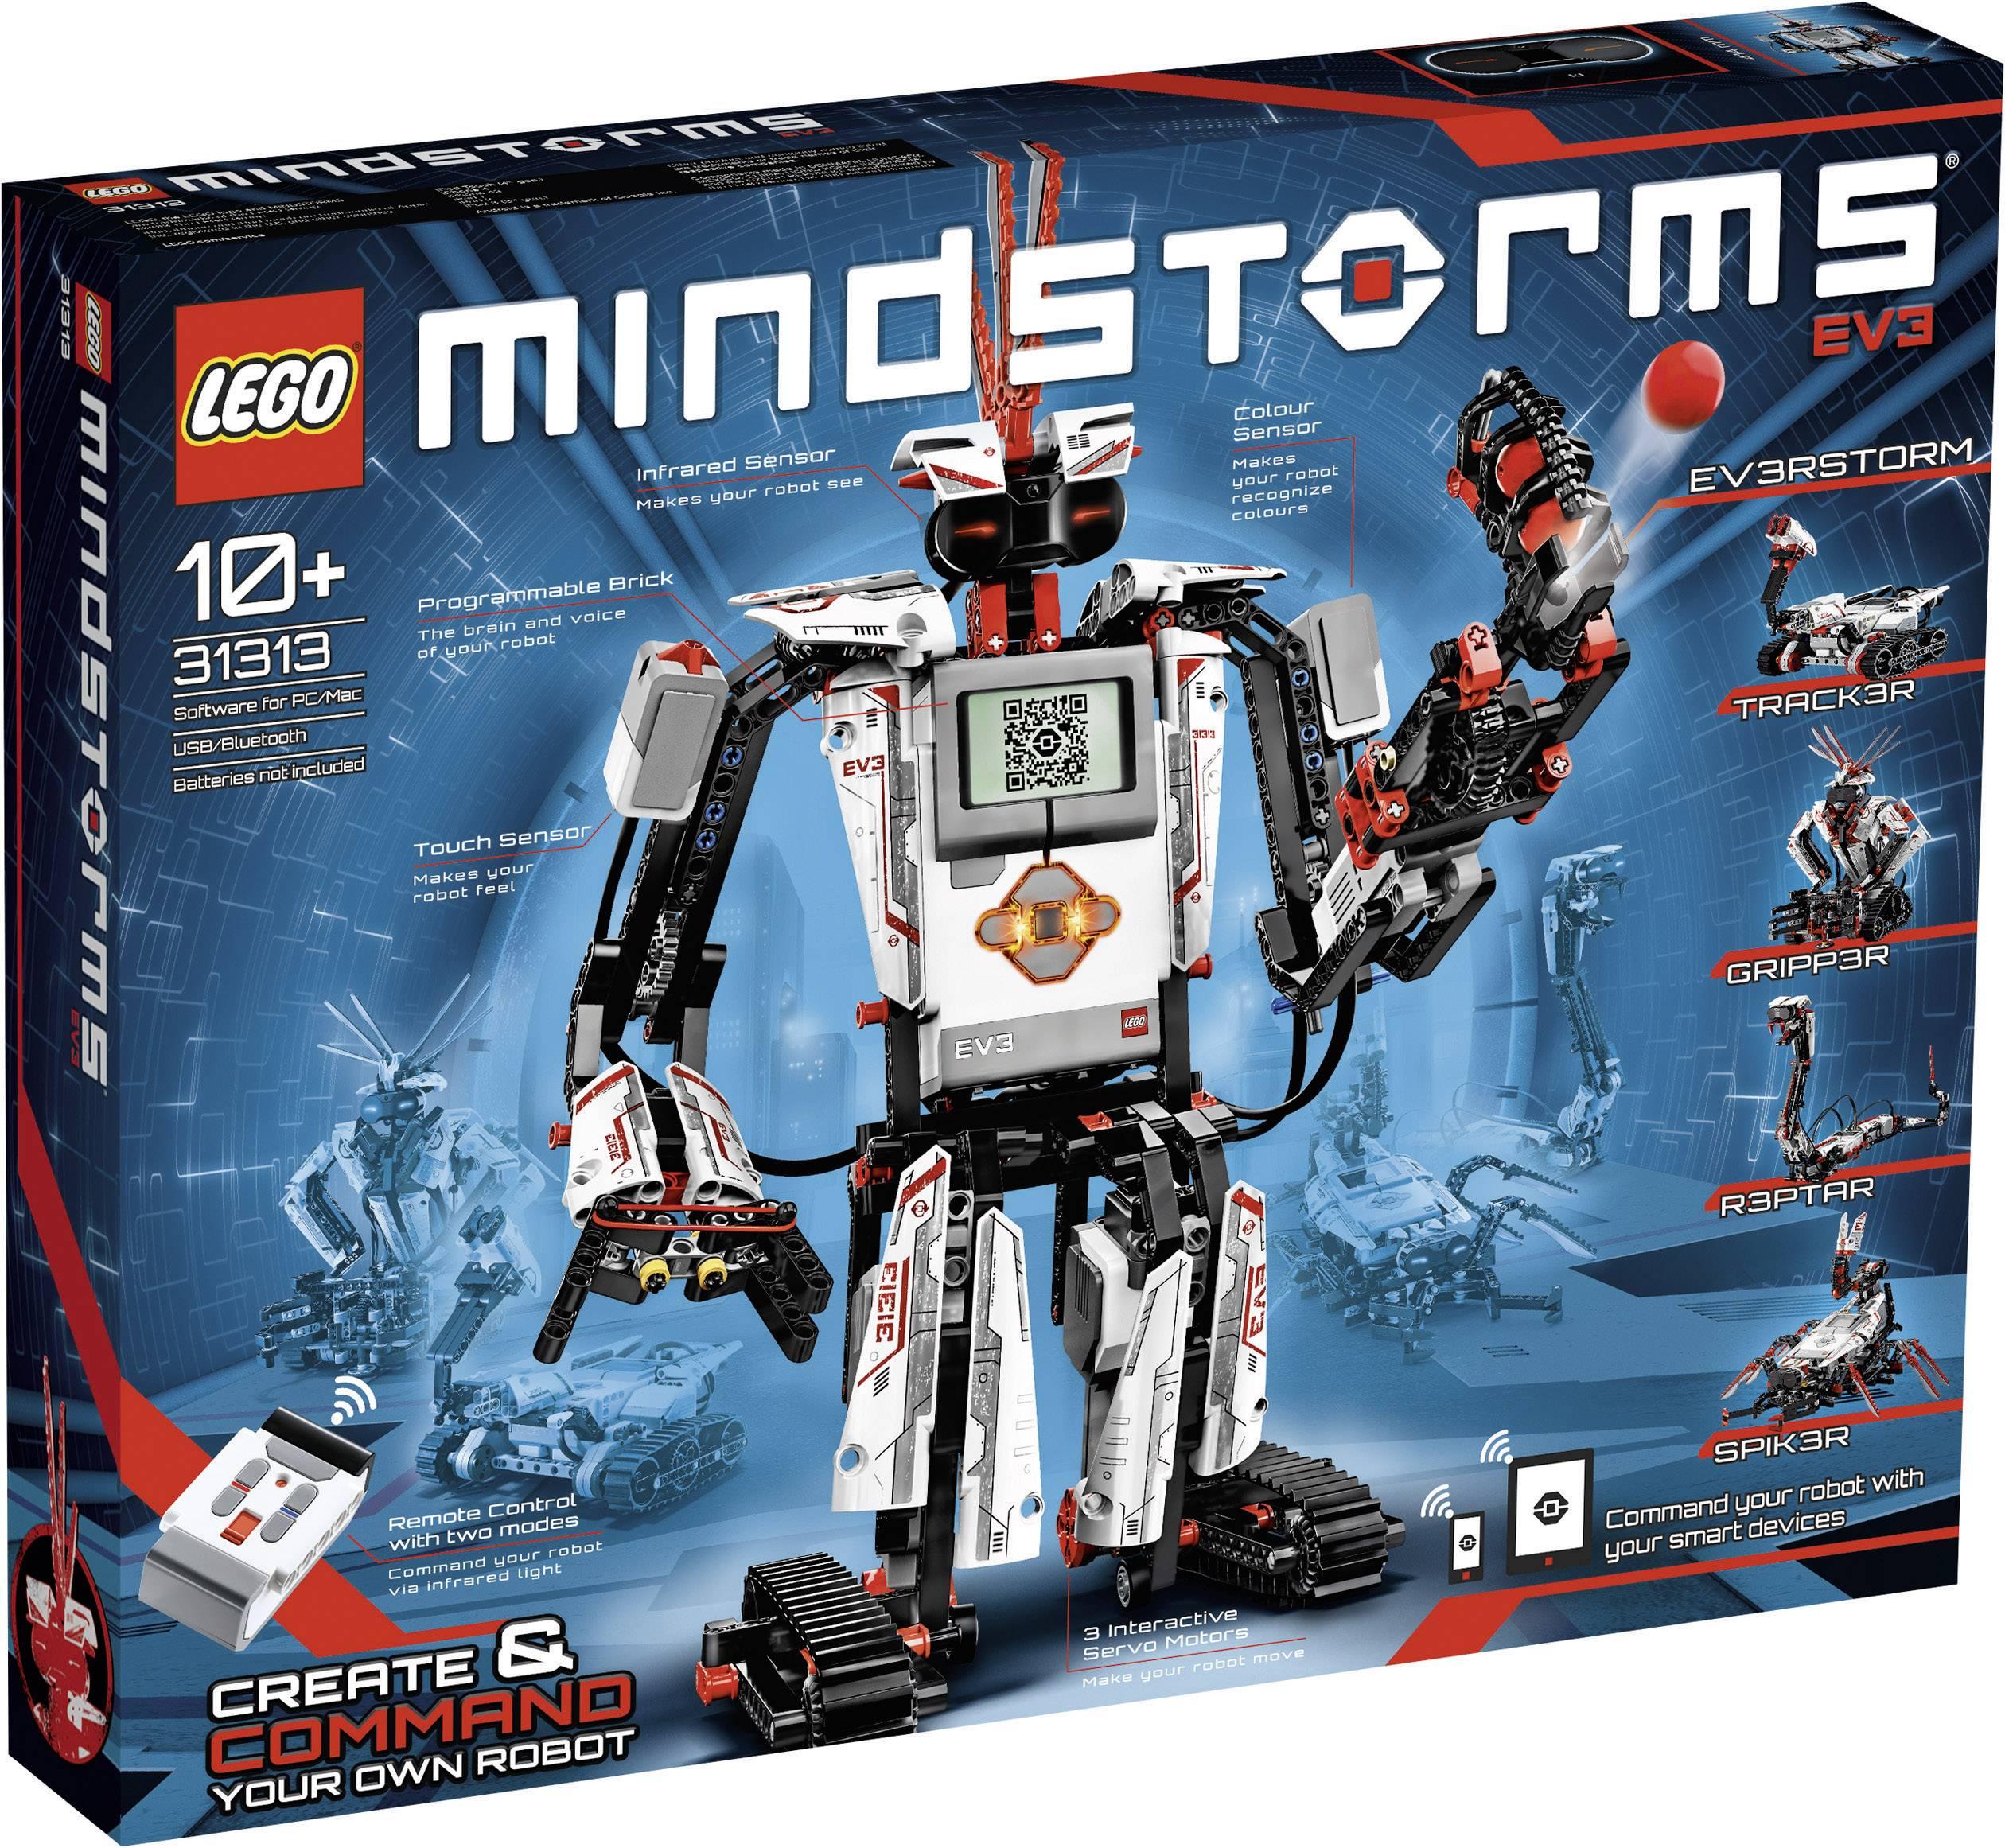 Lego Mindstorms Ev3 31313 Zamów W Conradpl